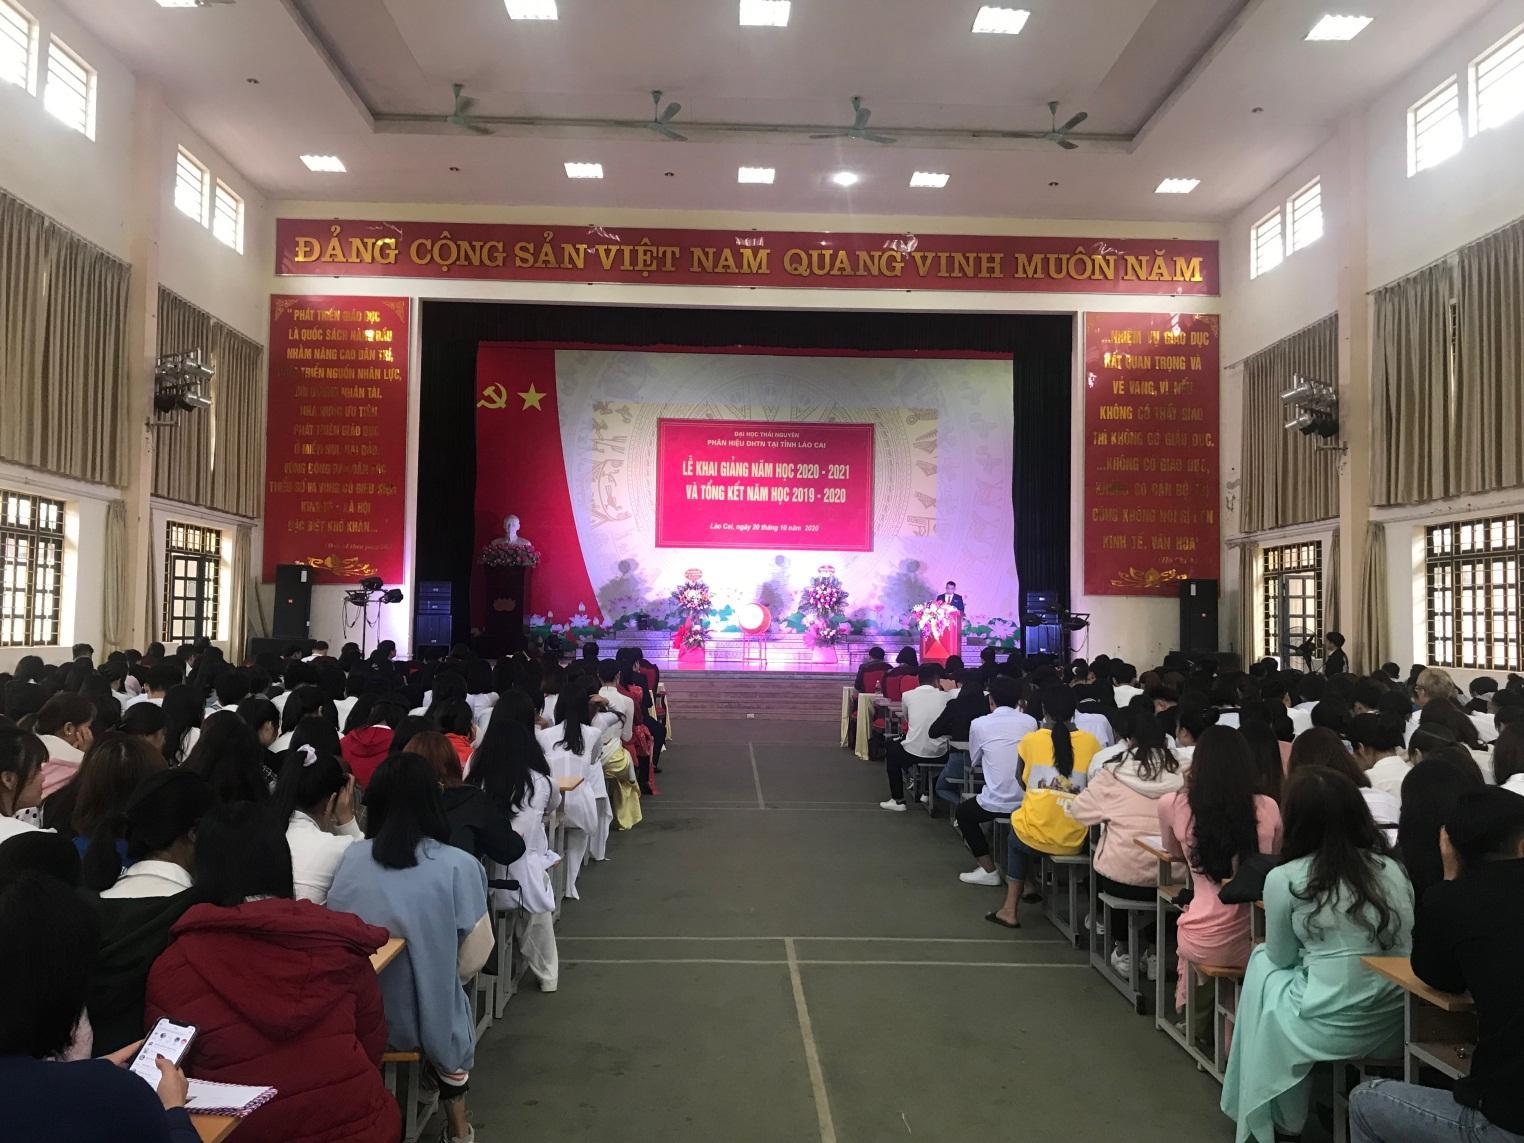 Phân hiệu Đại học Thái Nguyên tại tỉnh Lào Cai  Tổ chức Lễ khai giảng năm học 2020- 2021, tổng kết năm học 2019-2020 và phát động ủng hộ đồng bào Miền Trung